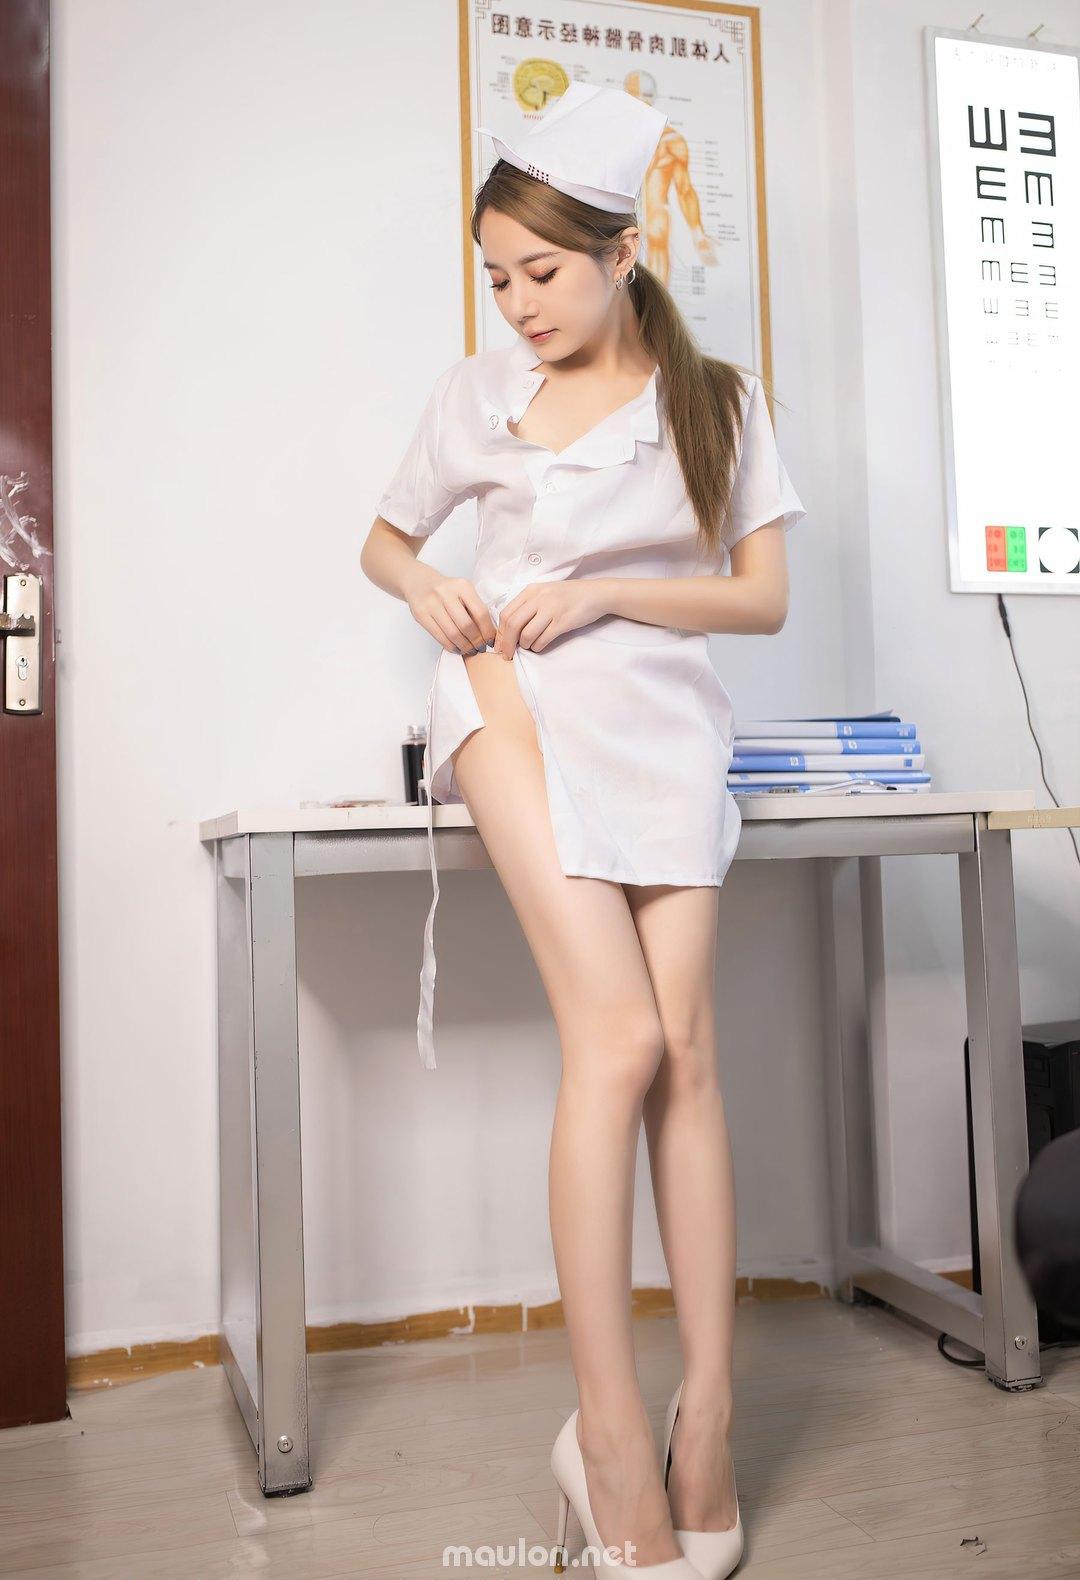 MauLon.Net - Hình ảnh nữ y tá sexy xiuren 03